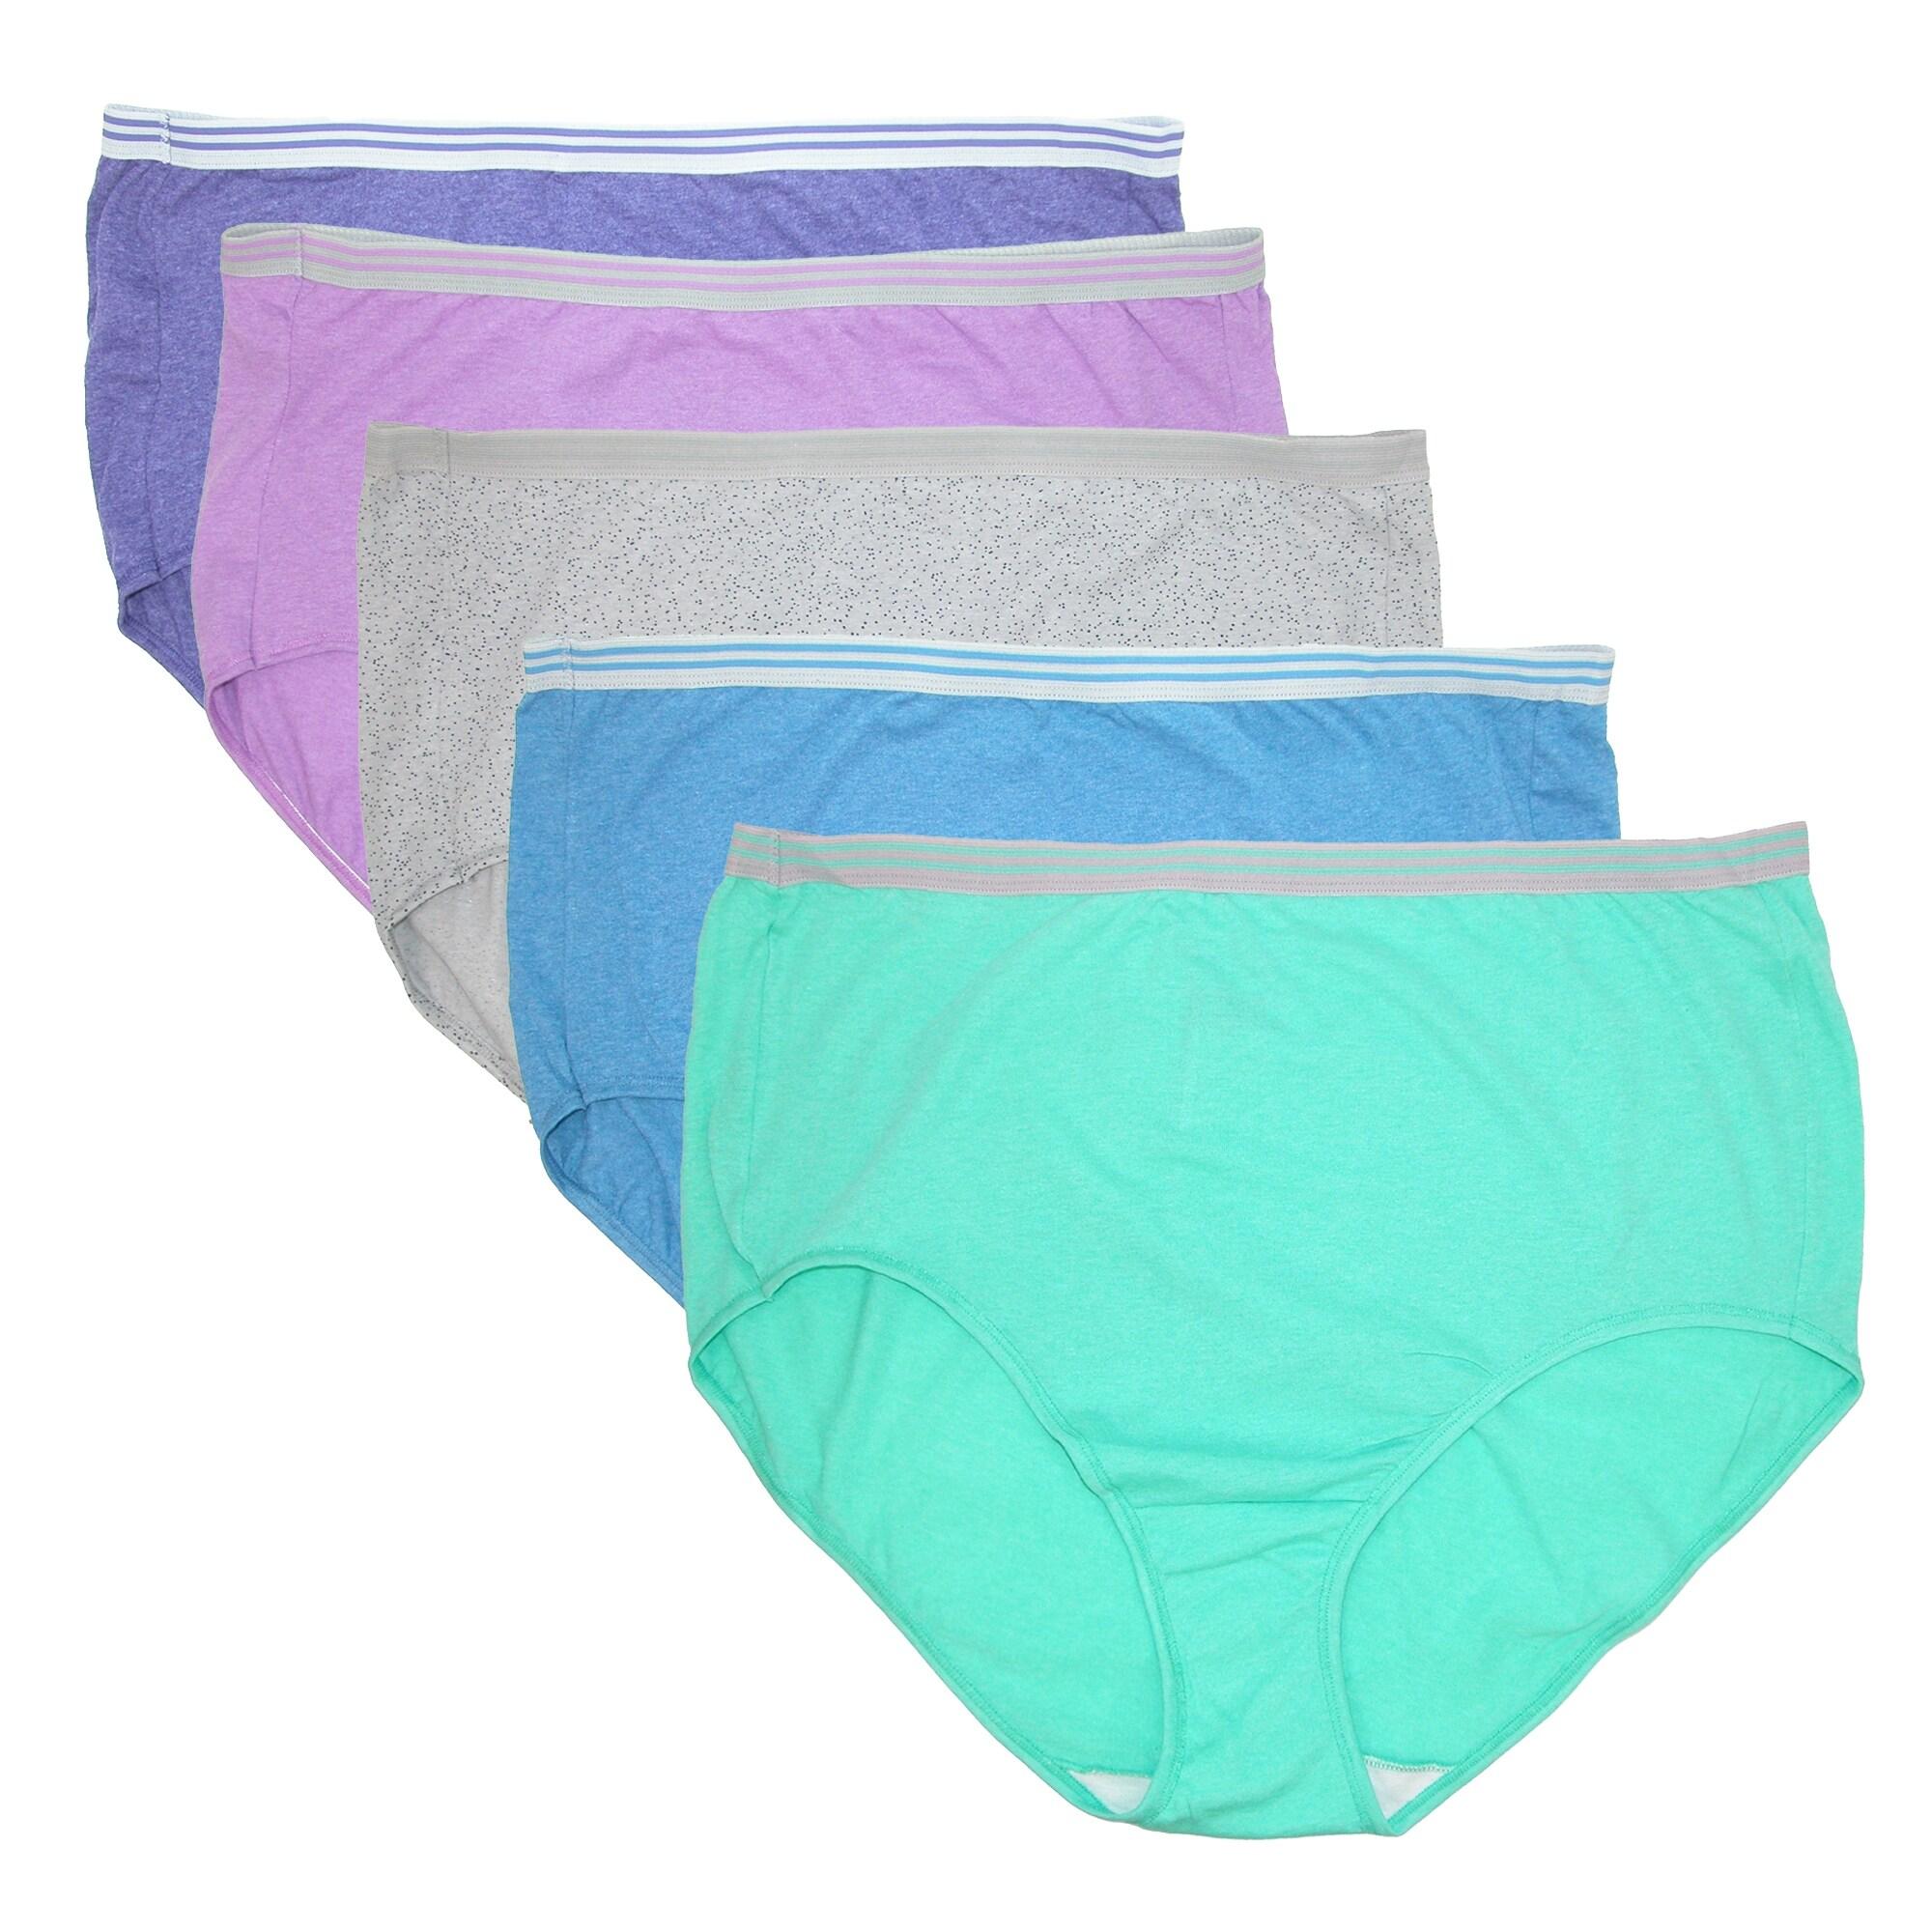 e481fa9c0e41 Victoria Secret Underwear Pack